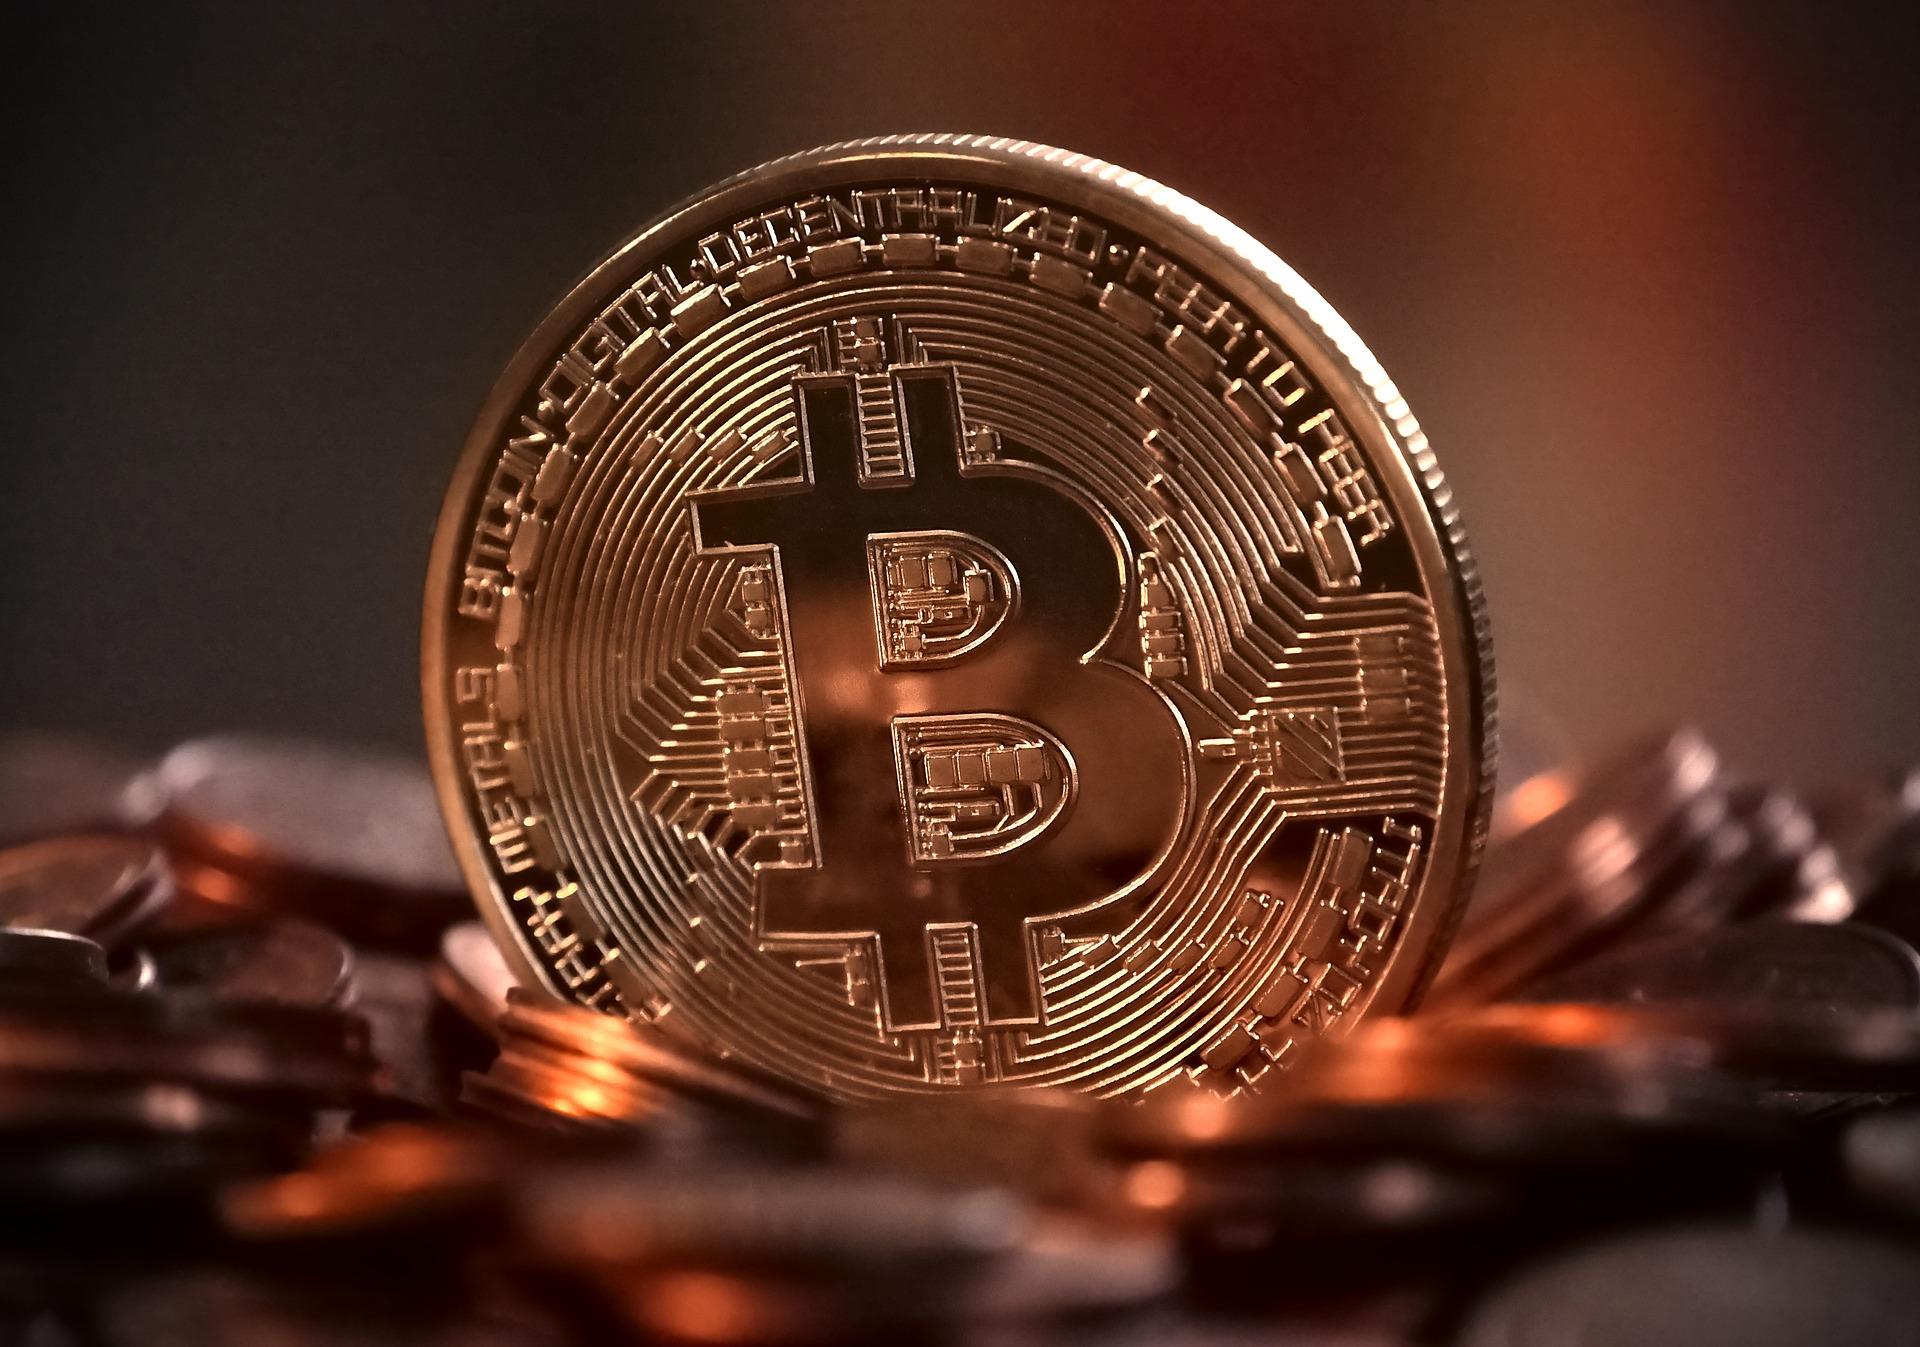 仮想通貨が熱い!もしXMでここ1ヶ月仮想通貨取引していれば・・・